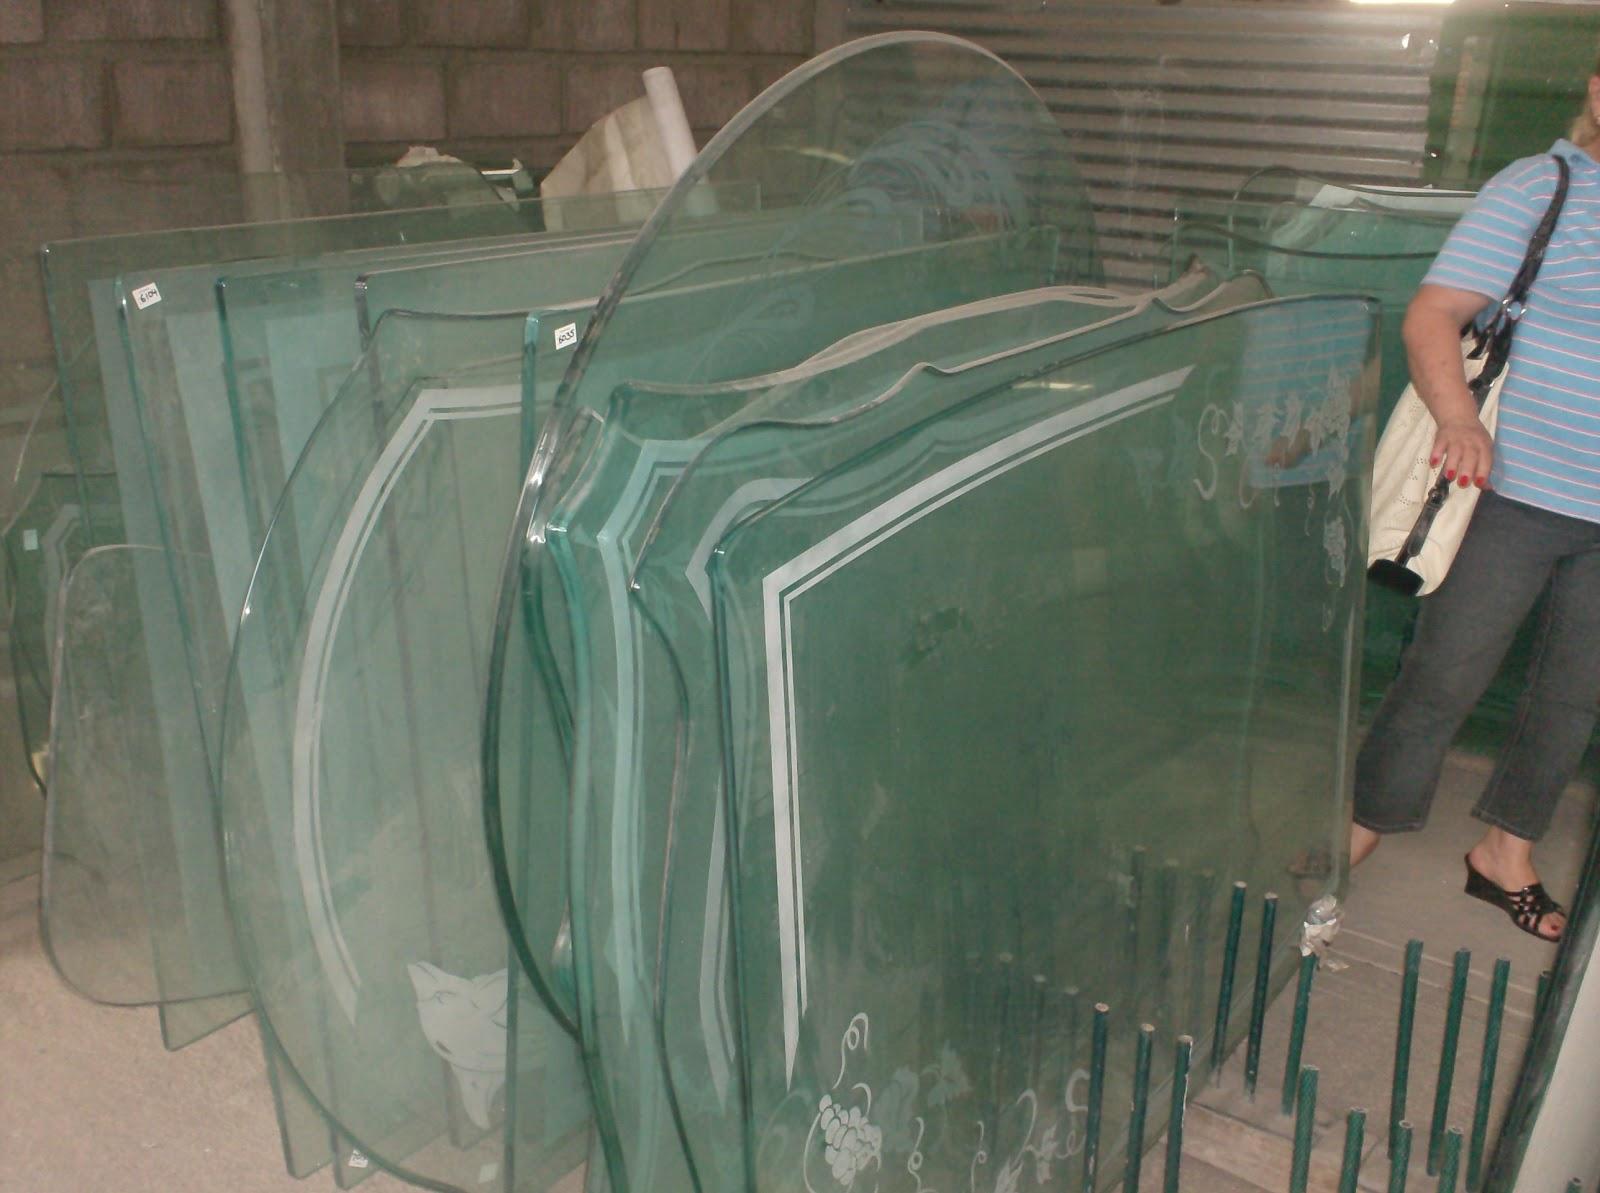 Bases de marmol y topes de cristal para comedores - Bases de marmol para mesas de comedor ...